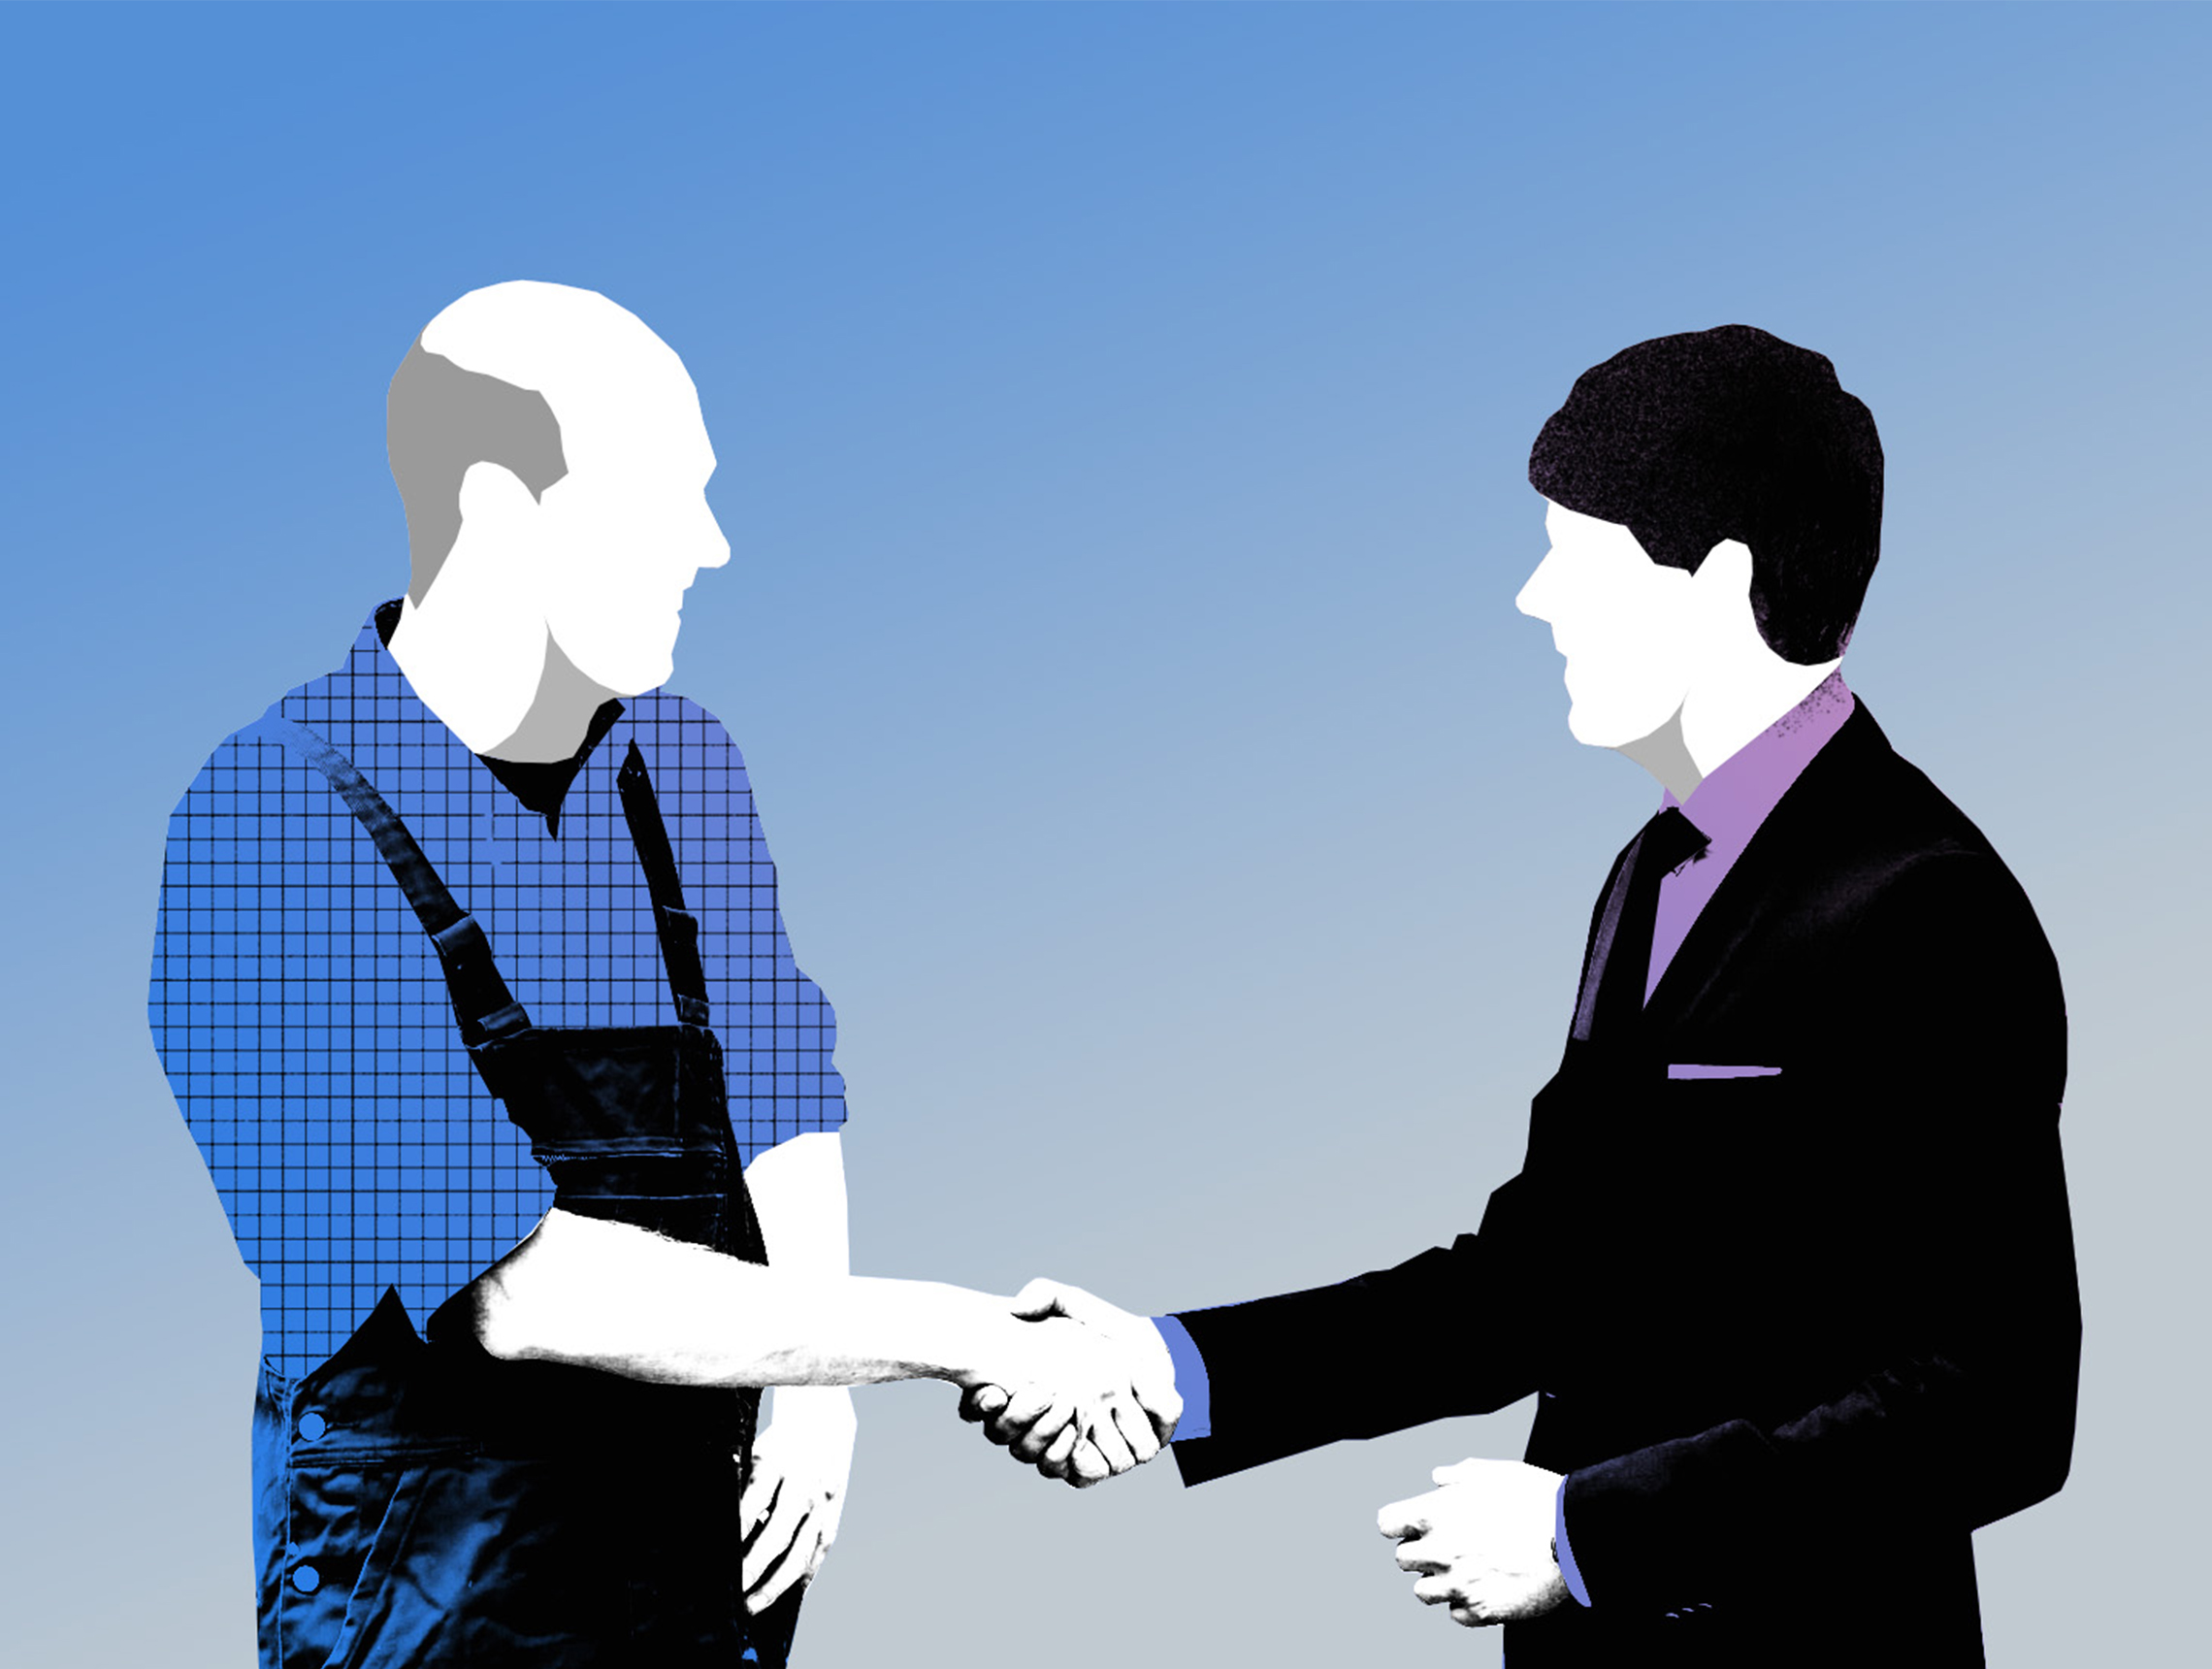 Anwalt schuettelt Hand mit Handwerker